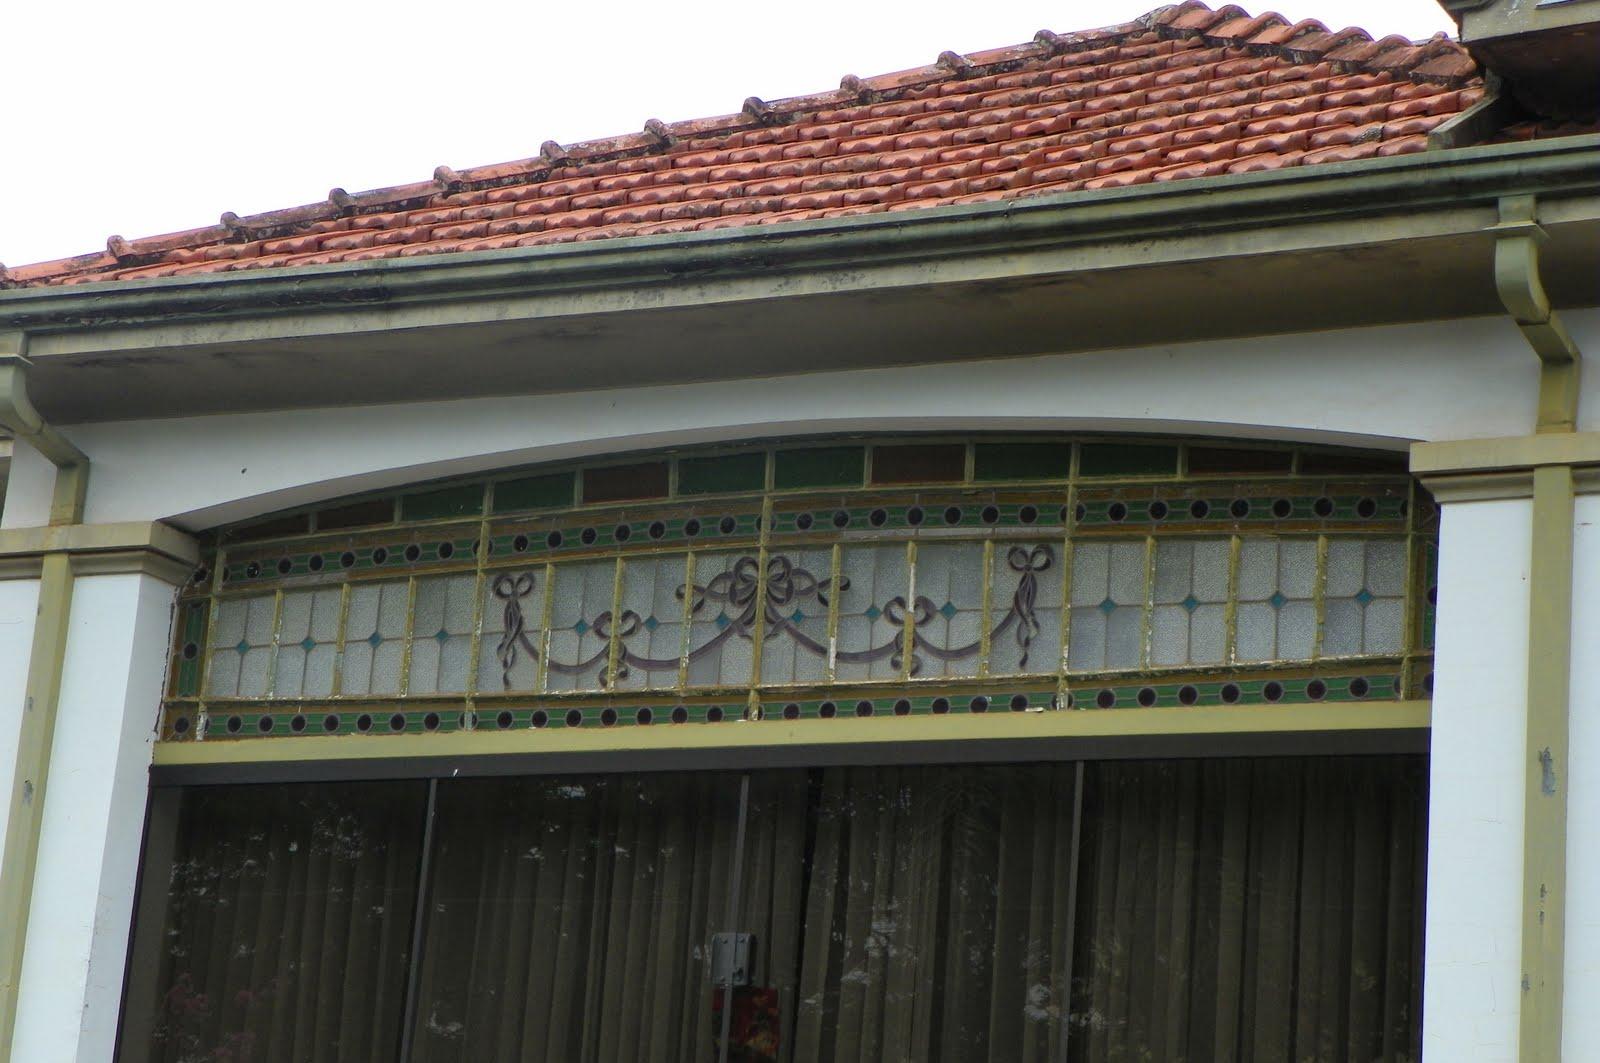 #895042 Um belo vitrô antigo mantido sobre a janela hoje de vidro temperado 300 Janelas De Vidro Temperado Belo Horizonte